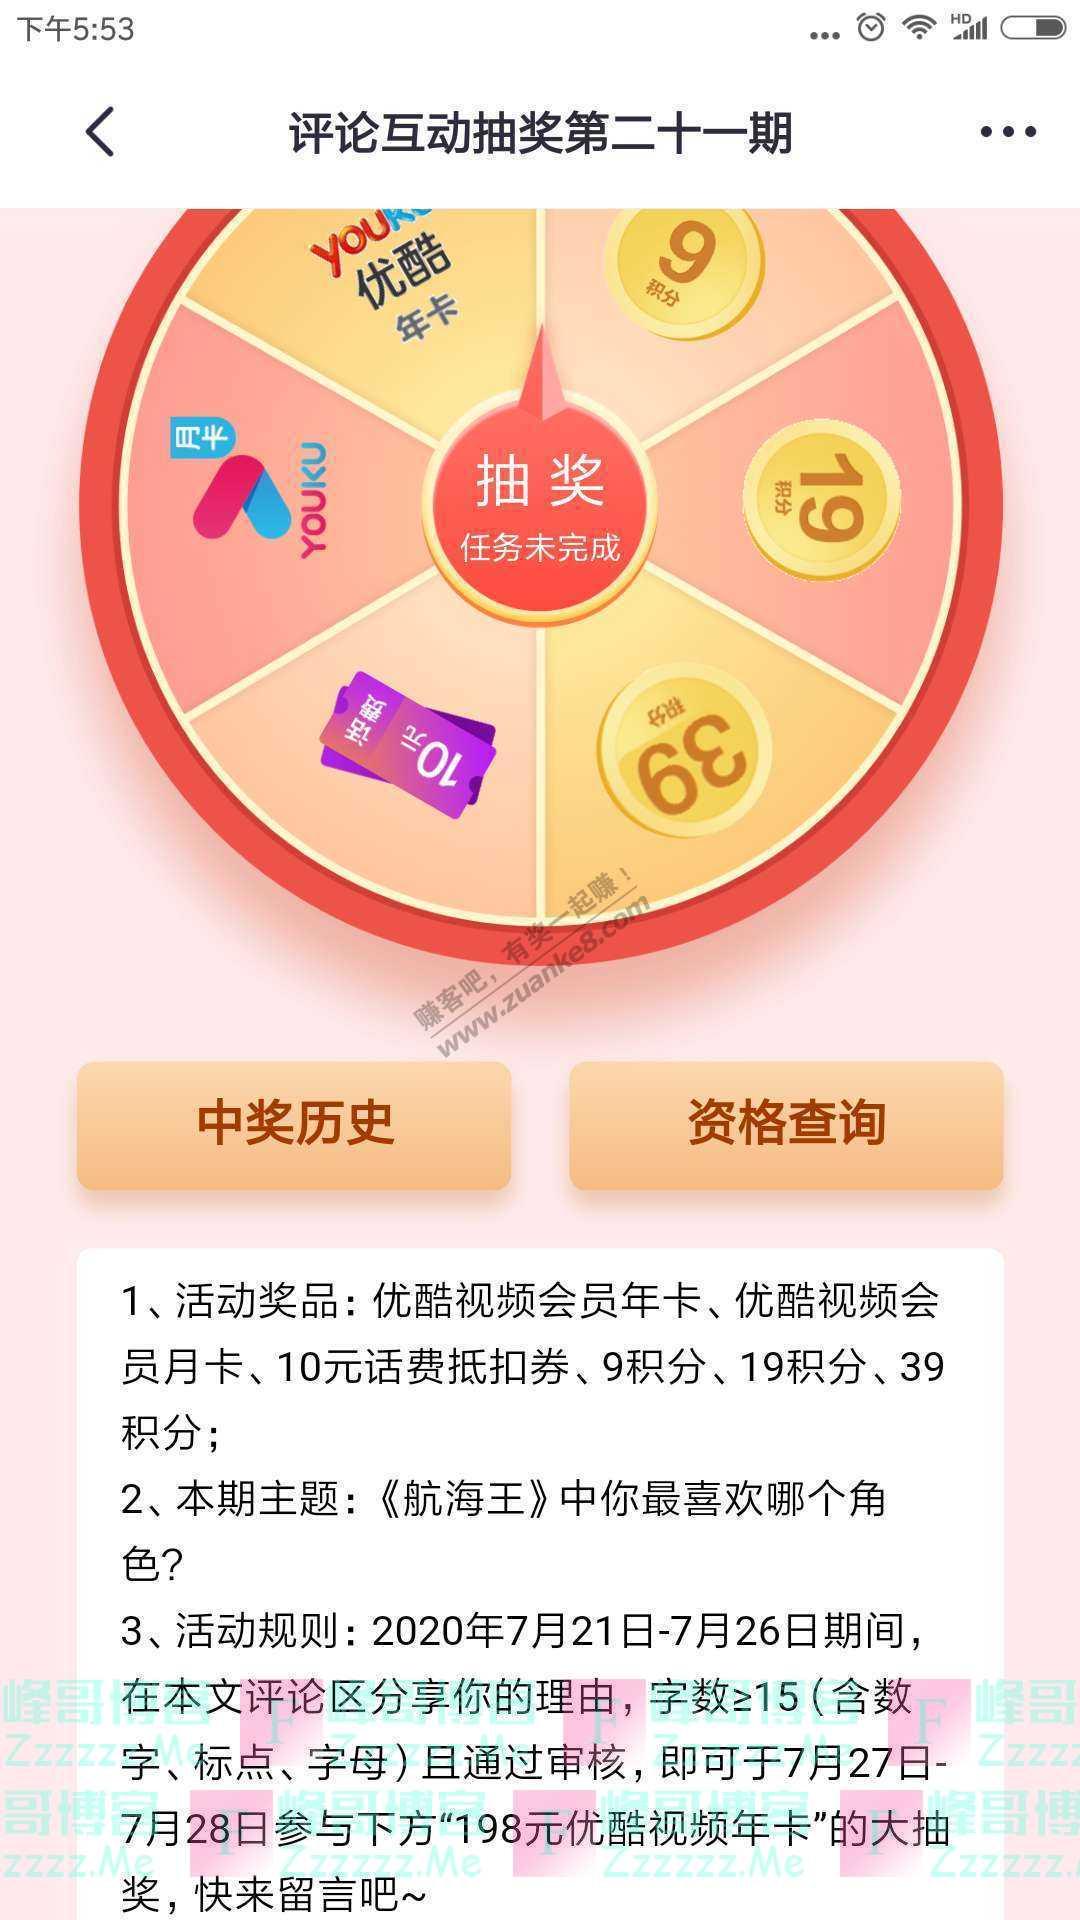 掌上生活app评论互动抽奖第二十一期(截止7月28日)